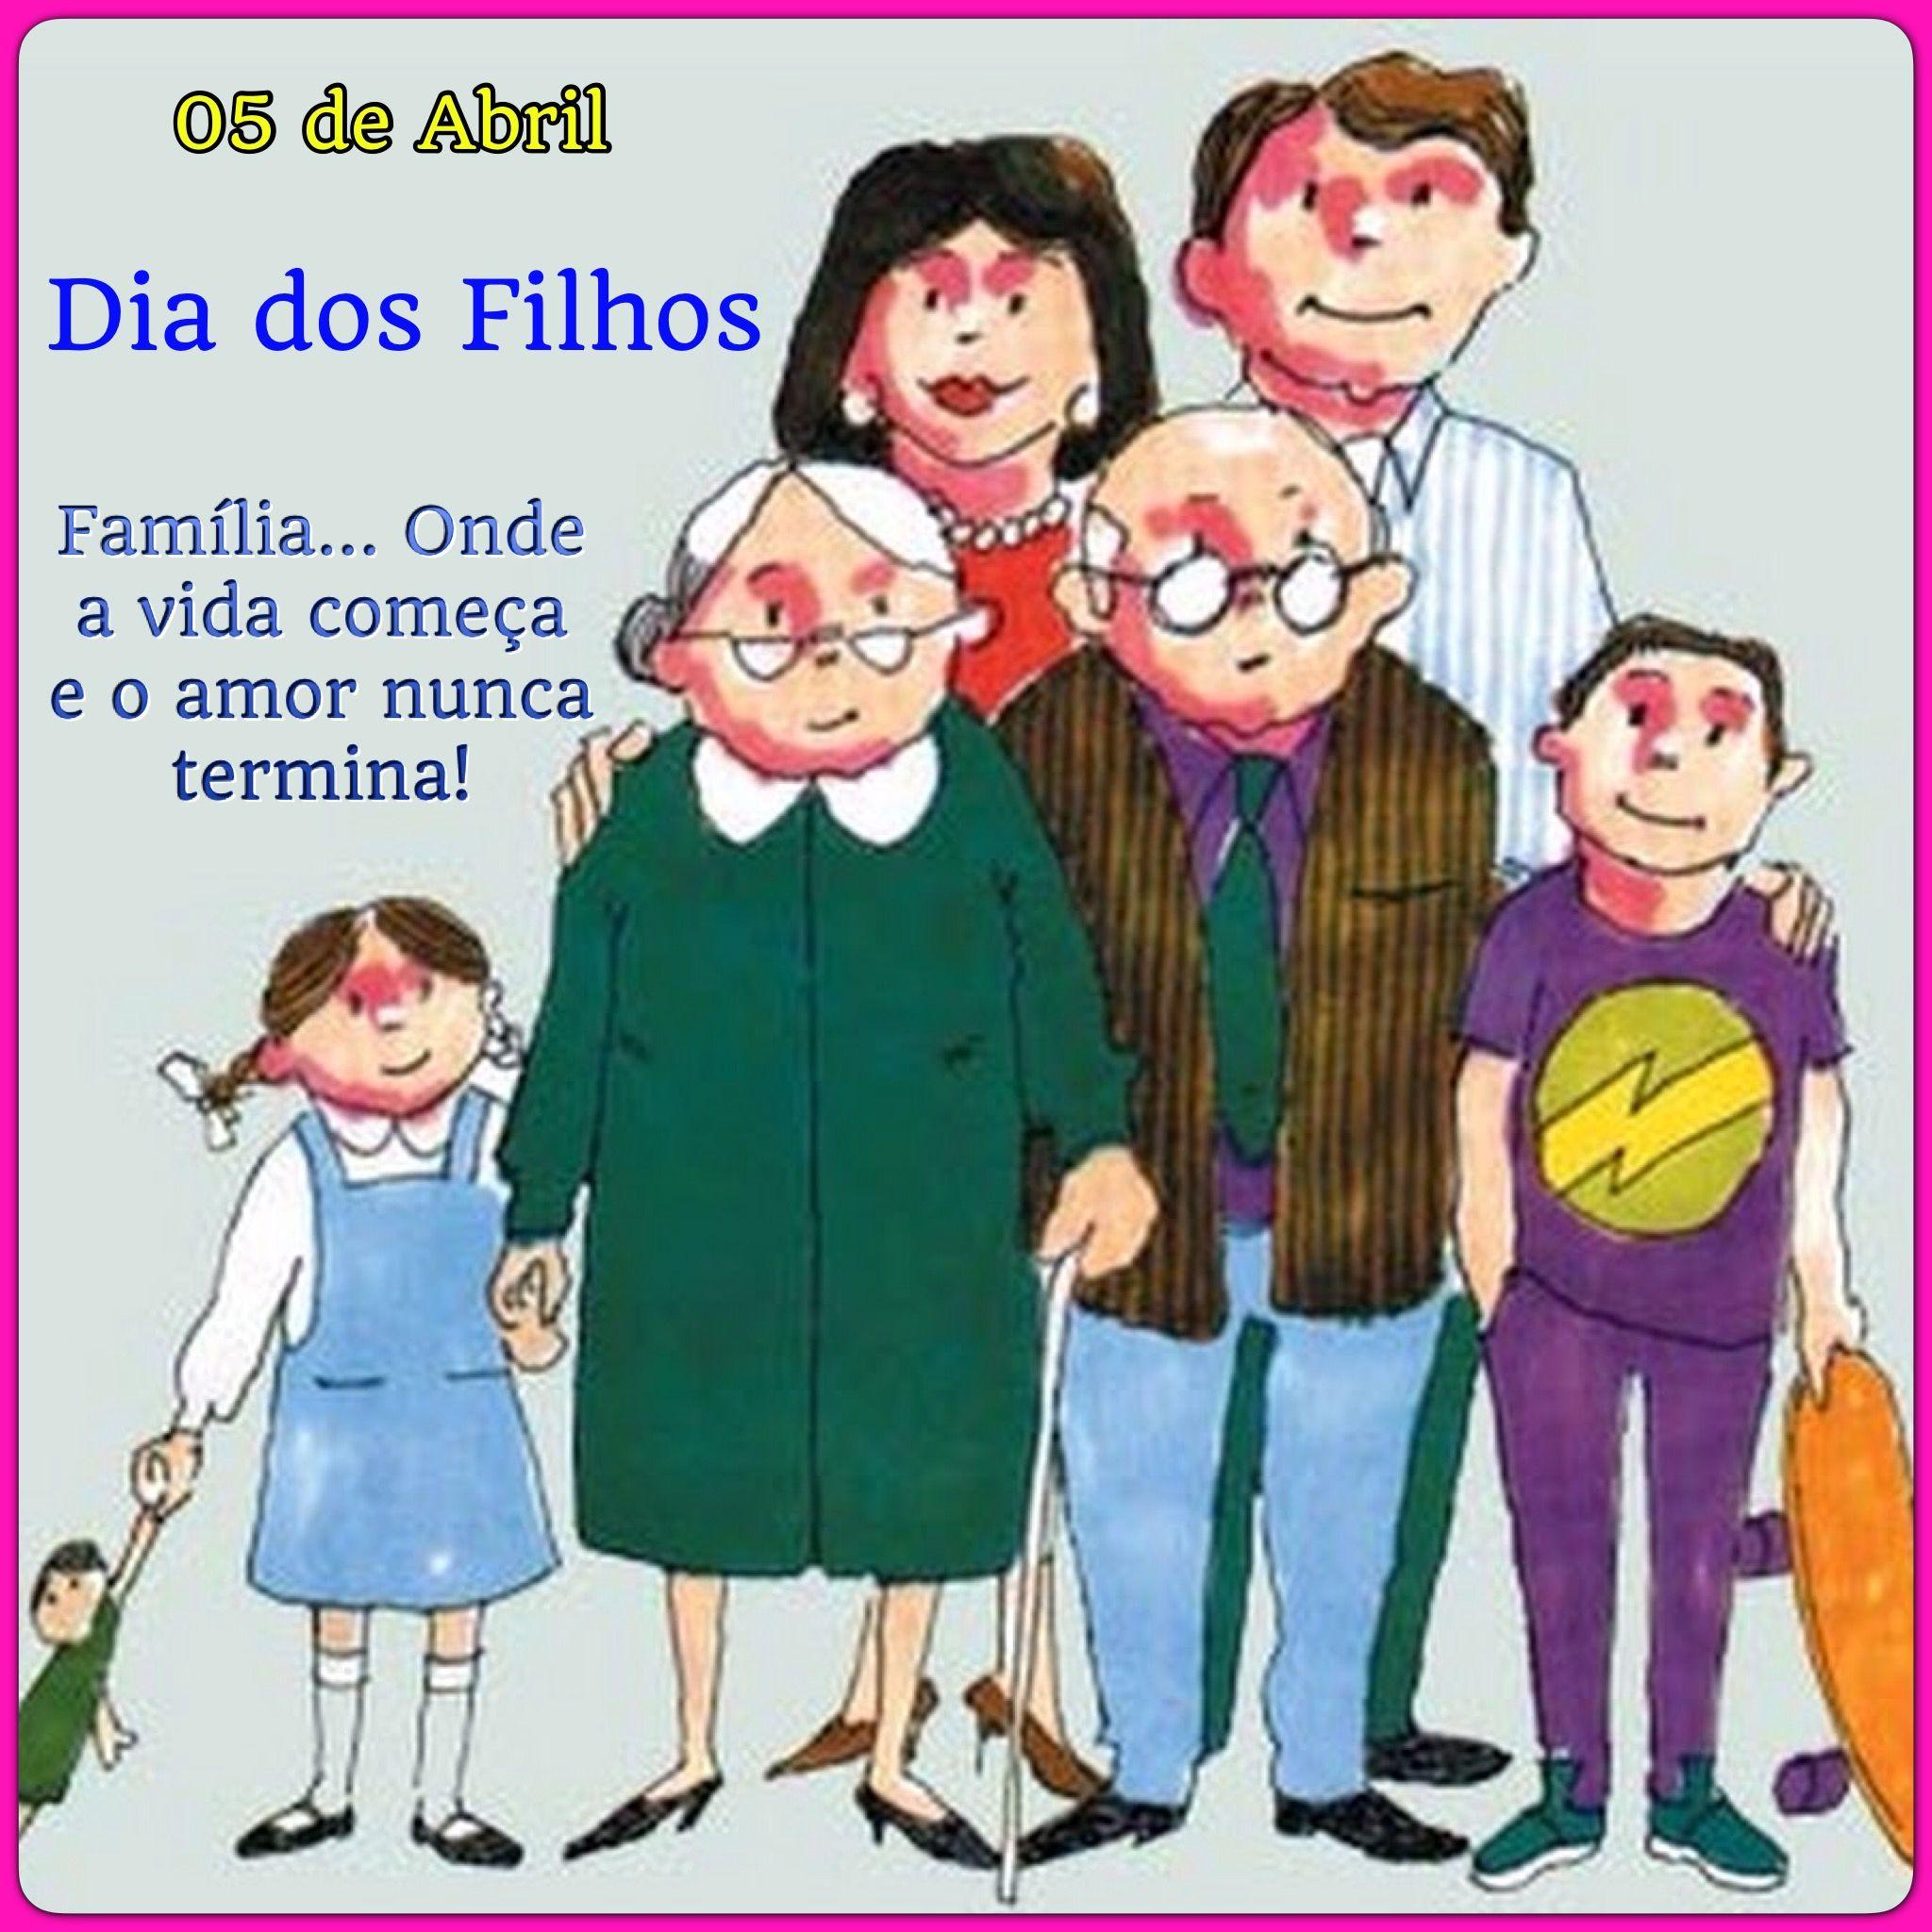 05 De Abril Dia Dos Filhos Dia Internacional Da Familia Dia